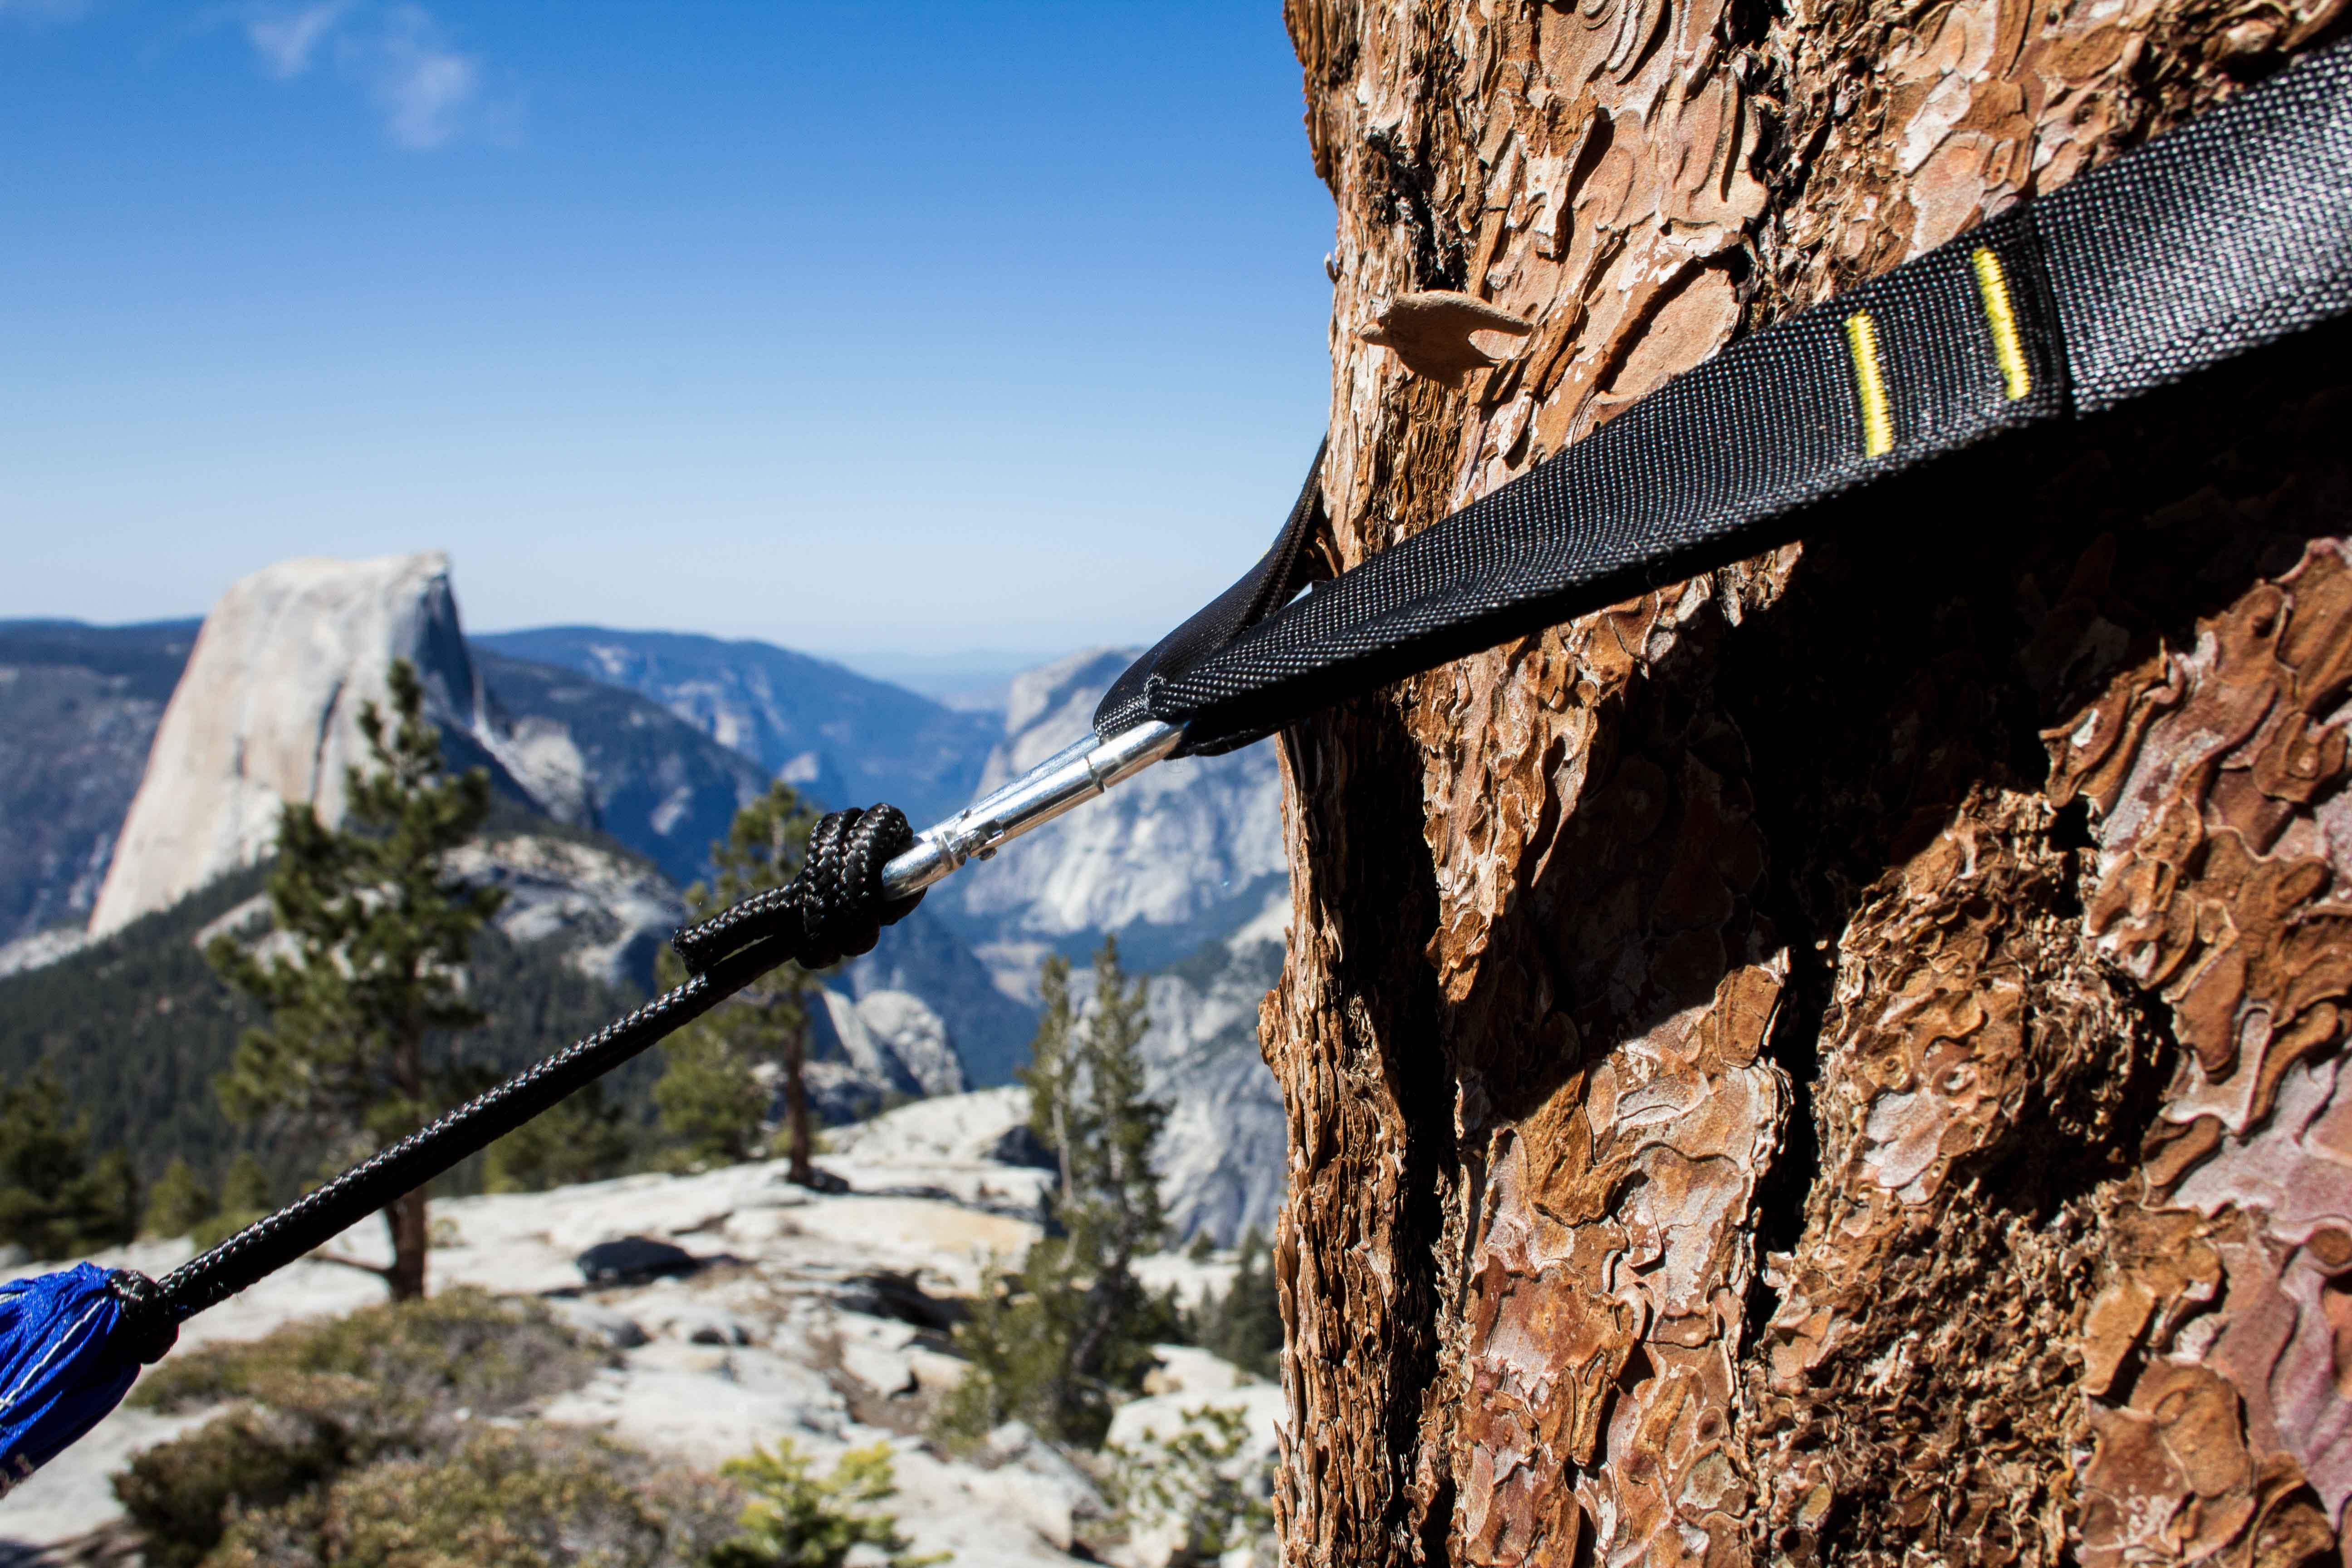 Tree Hugger Hammock Suspension Tree Straps